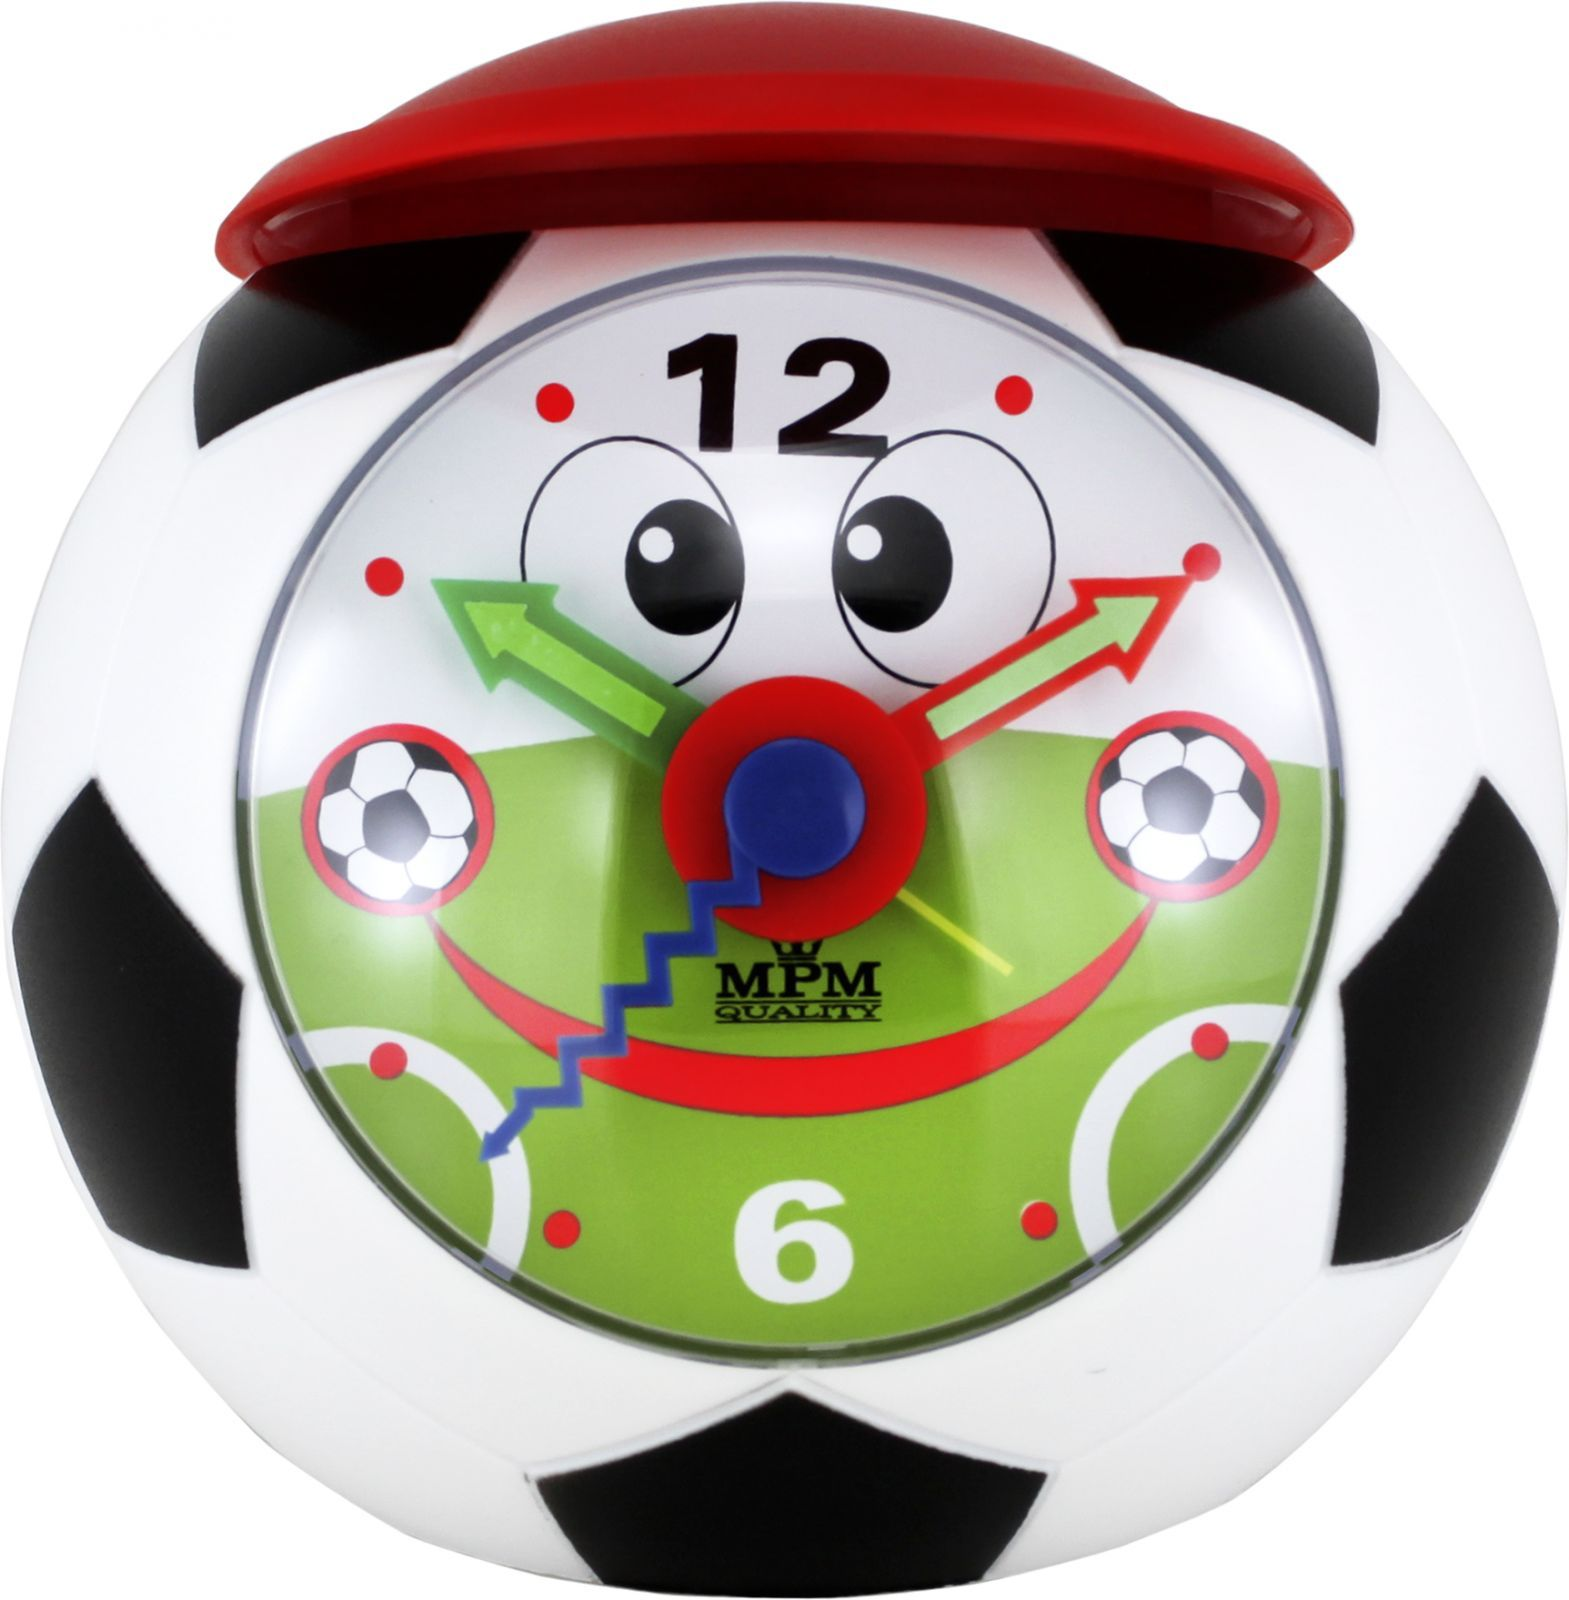 Usměvavý dětský budík tvar fotbalový míč s červenou čepicí a zesilujícím alarmem..0535 167883